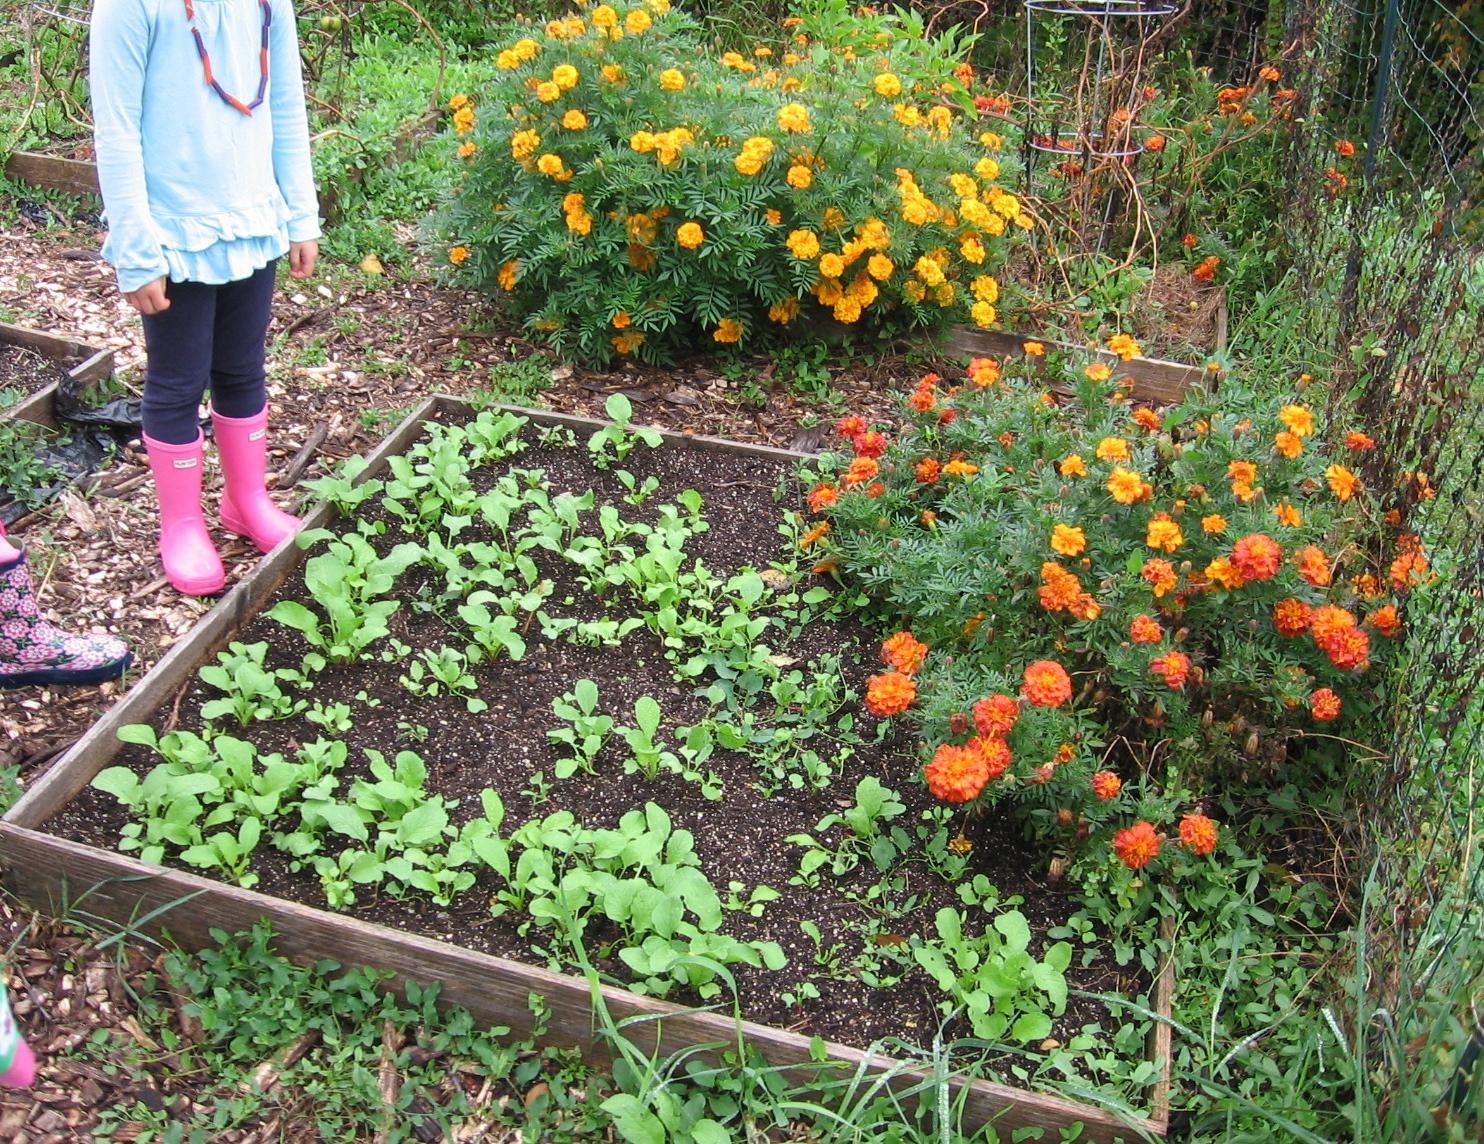 Children In Food Garden Images Pictures Becuo